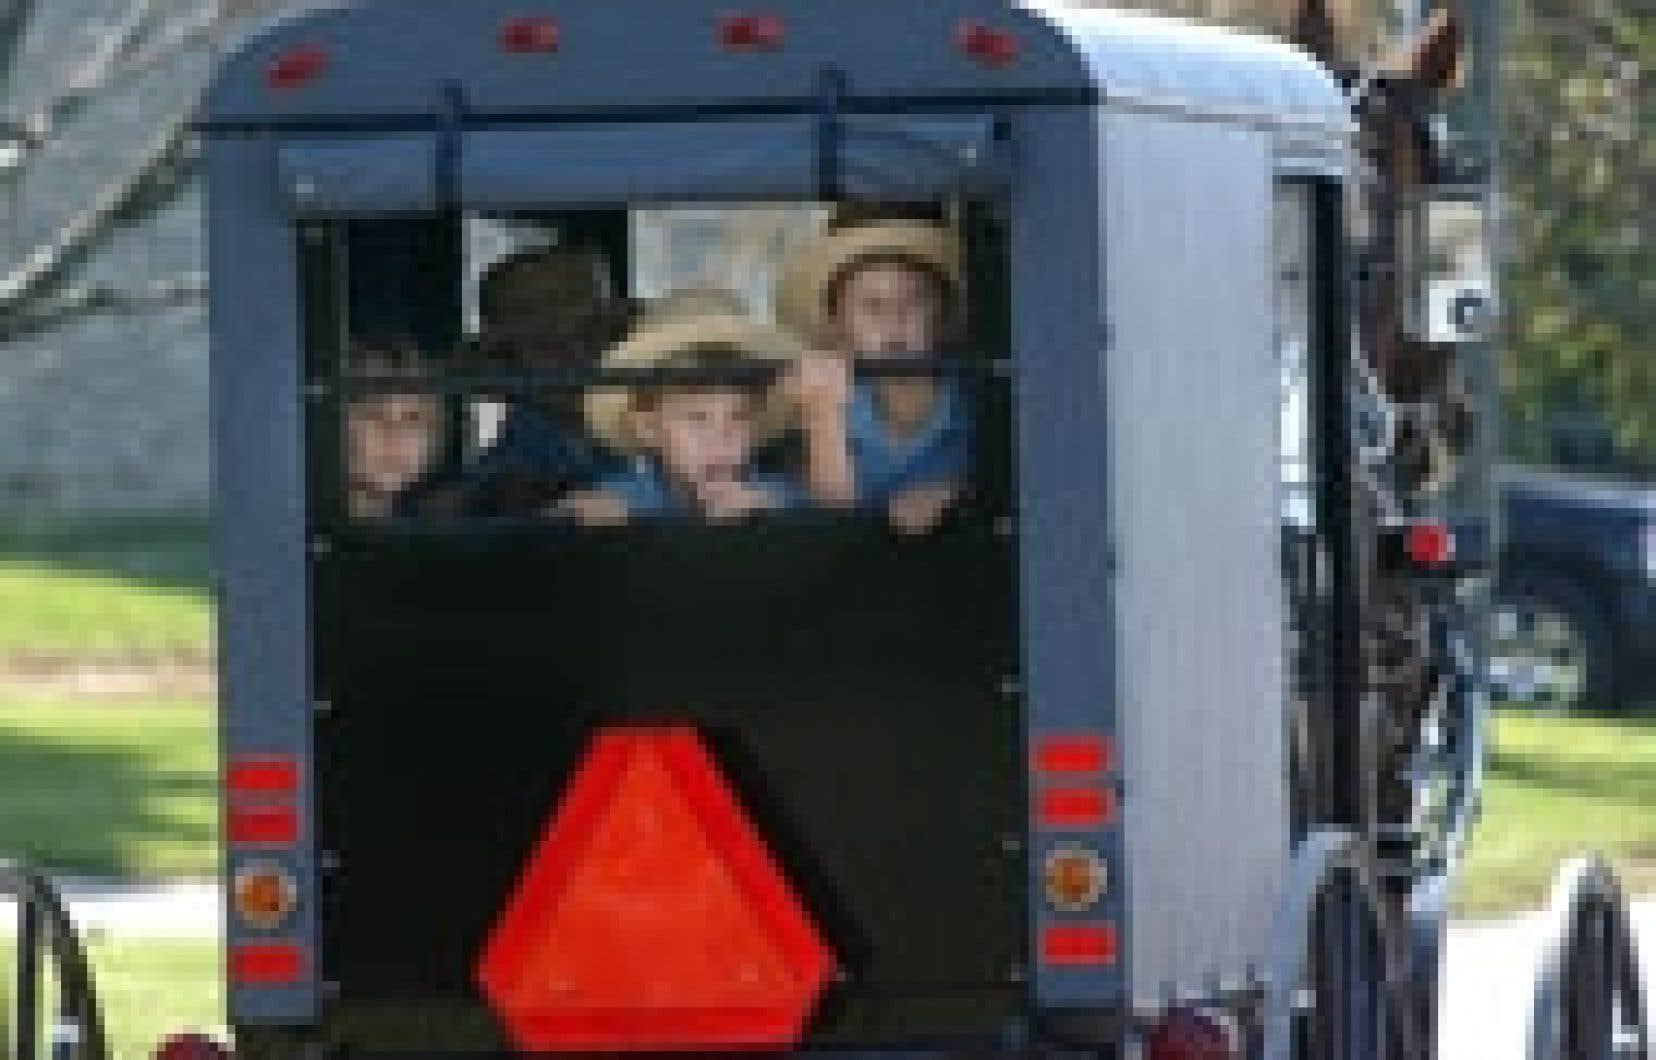 Des enfants de la communauté amish de Nickel Mines se promènent en calèche et regardent tous ces journalistes et ces policiers qui ont envahi leur ville depuis le tragique attentat survenu dans leur école.